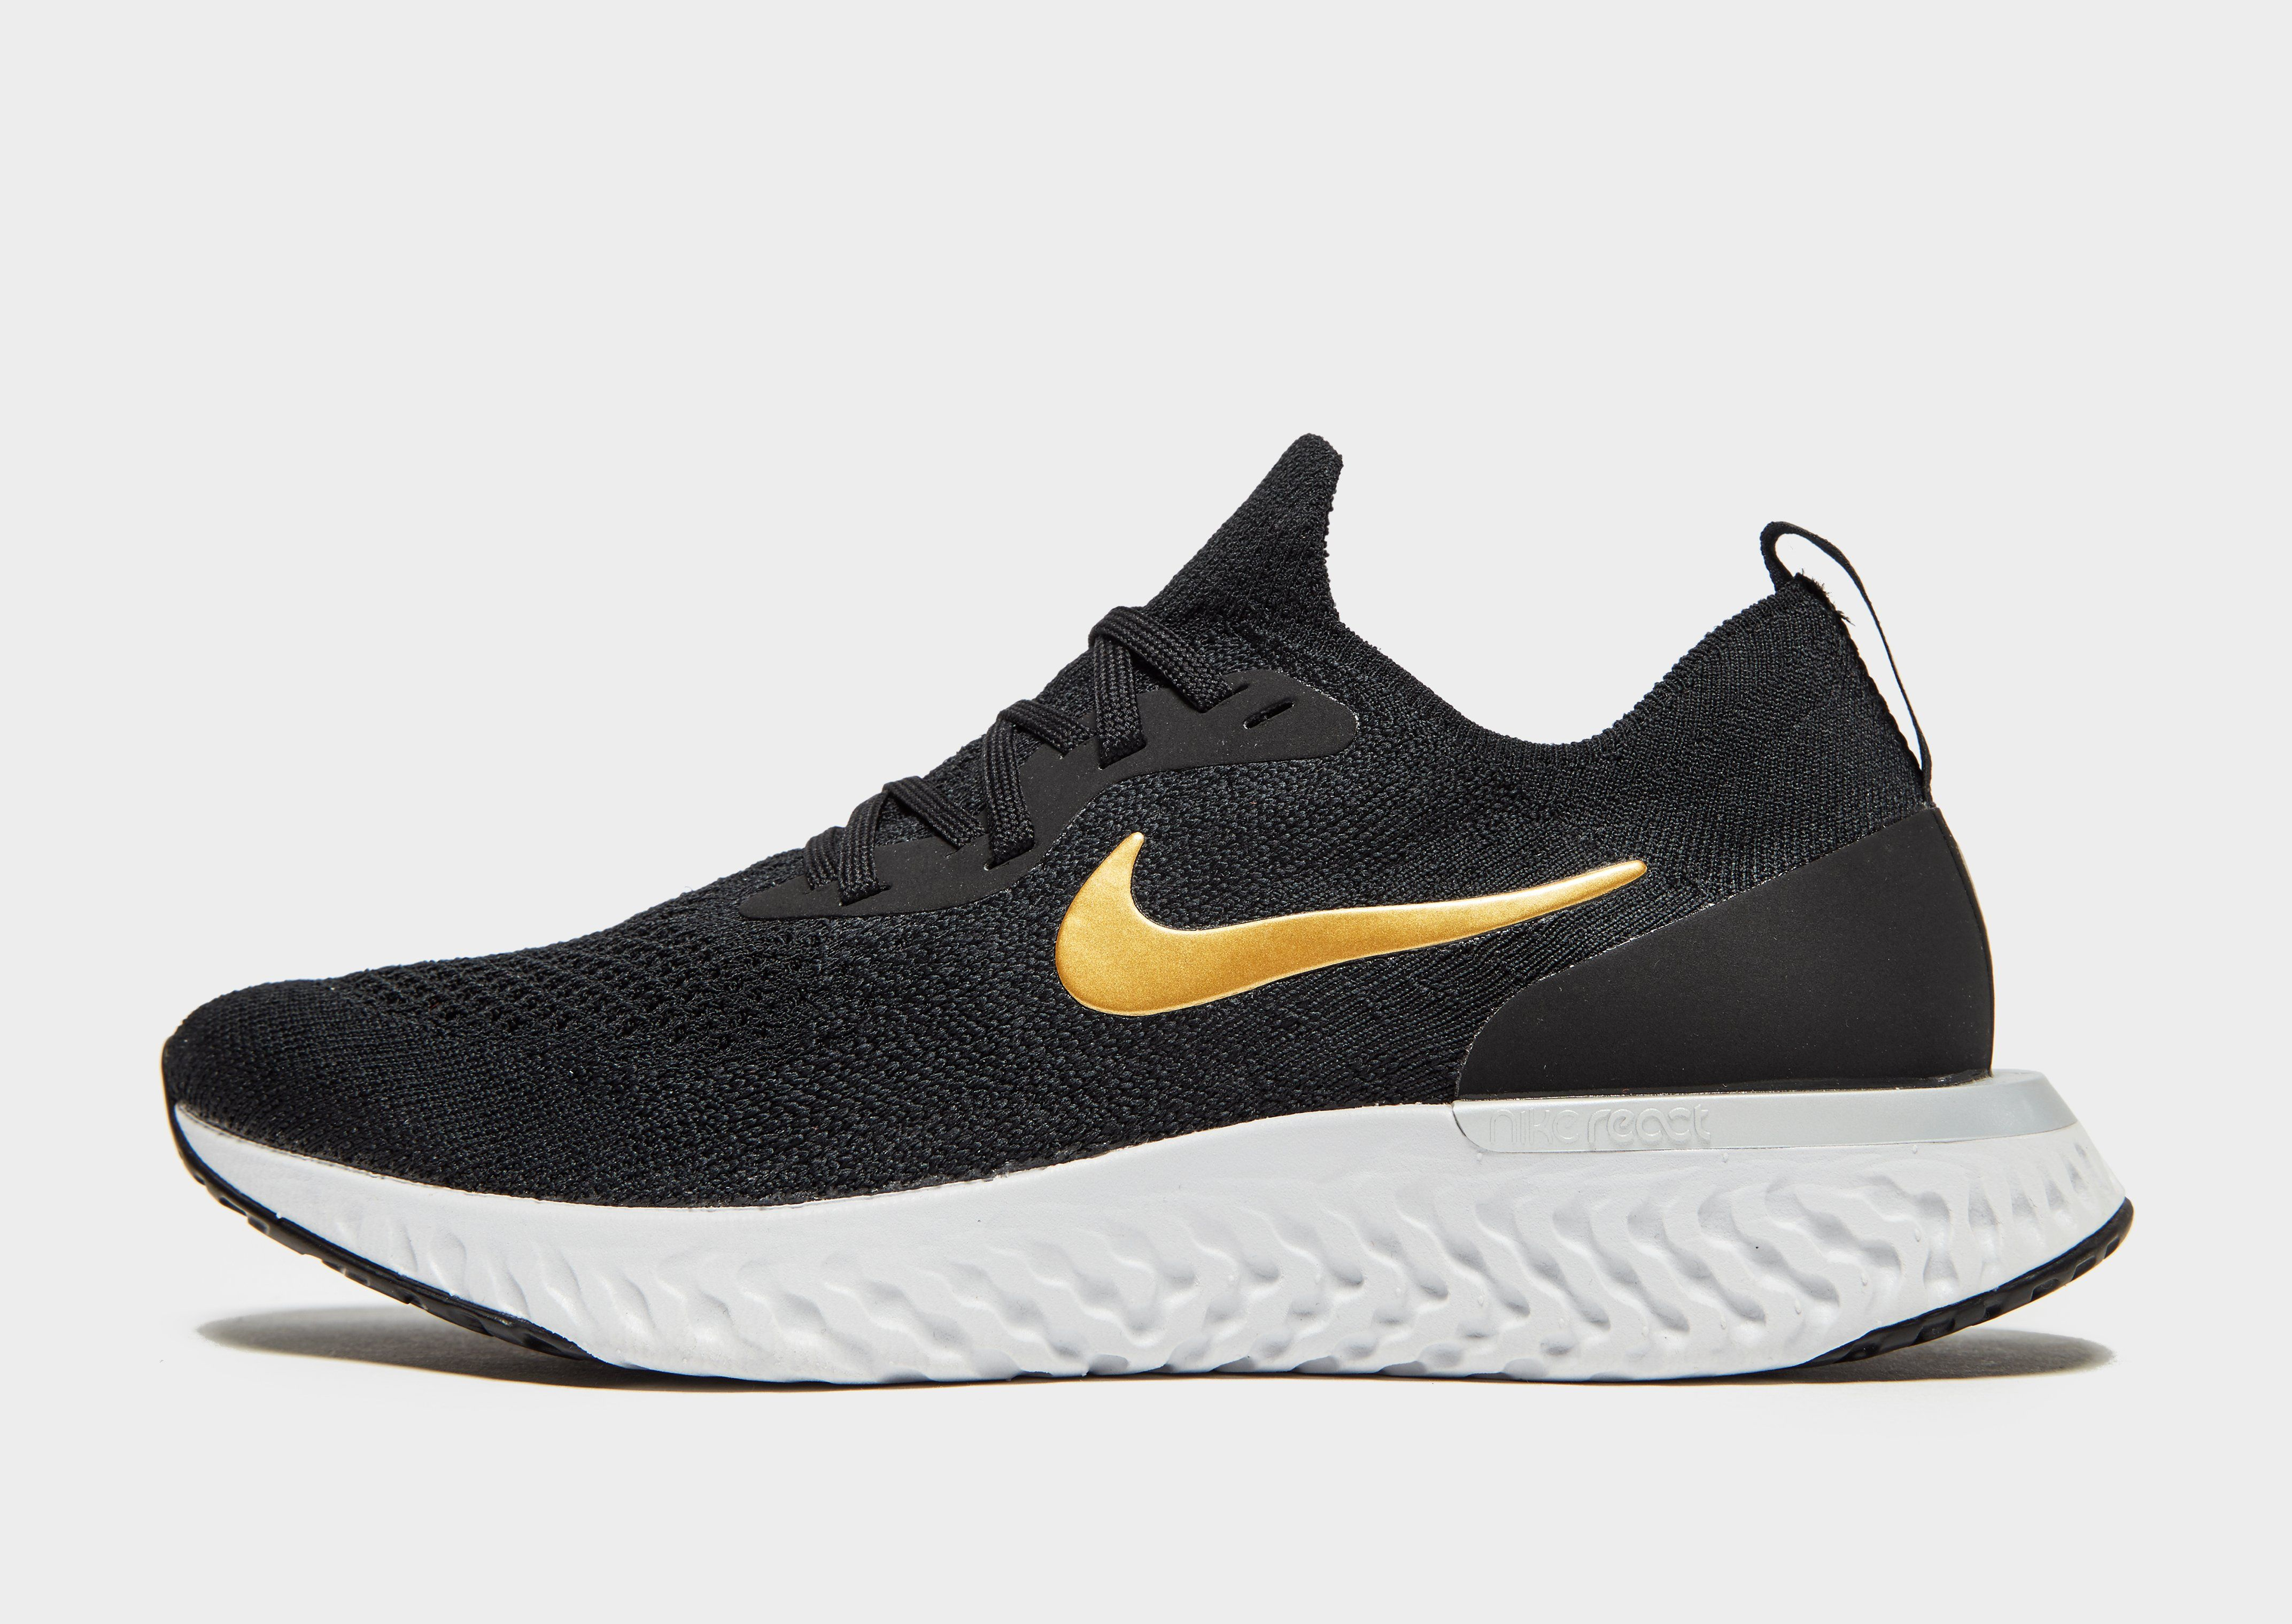 info for b788f d8551 NIKE Nike Epic React Flyknit 1 Women s Running Shoe